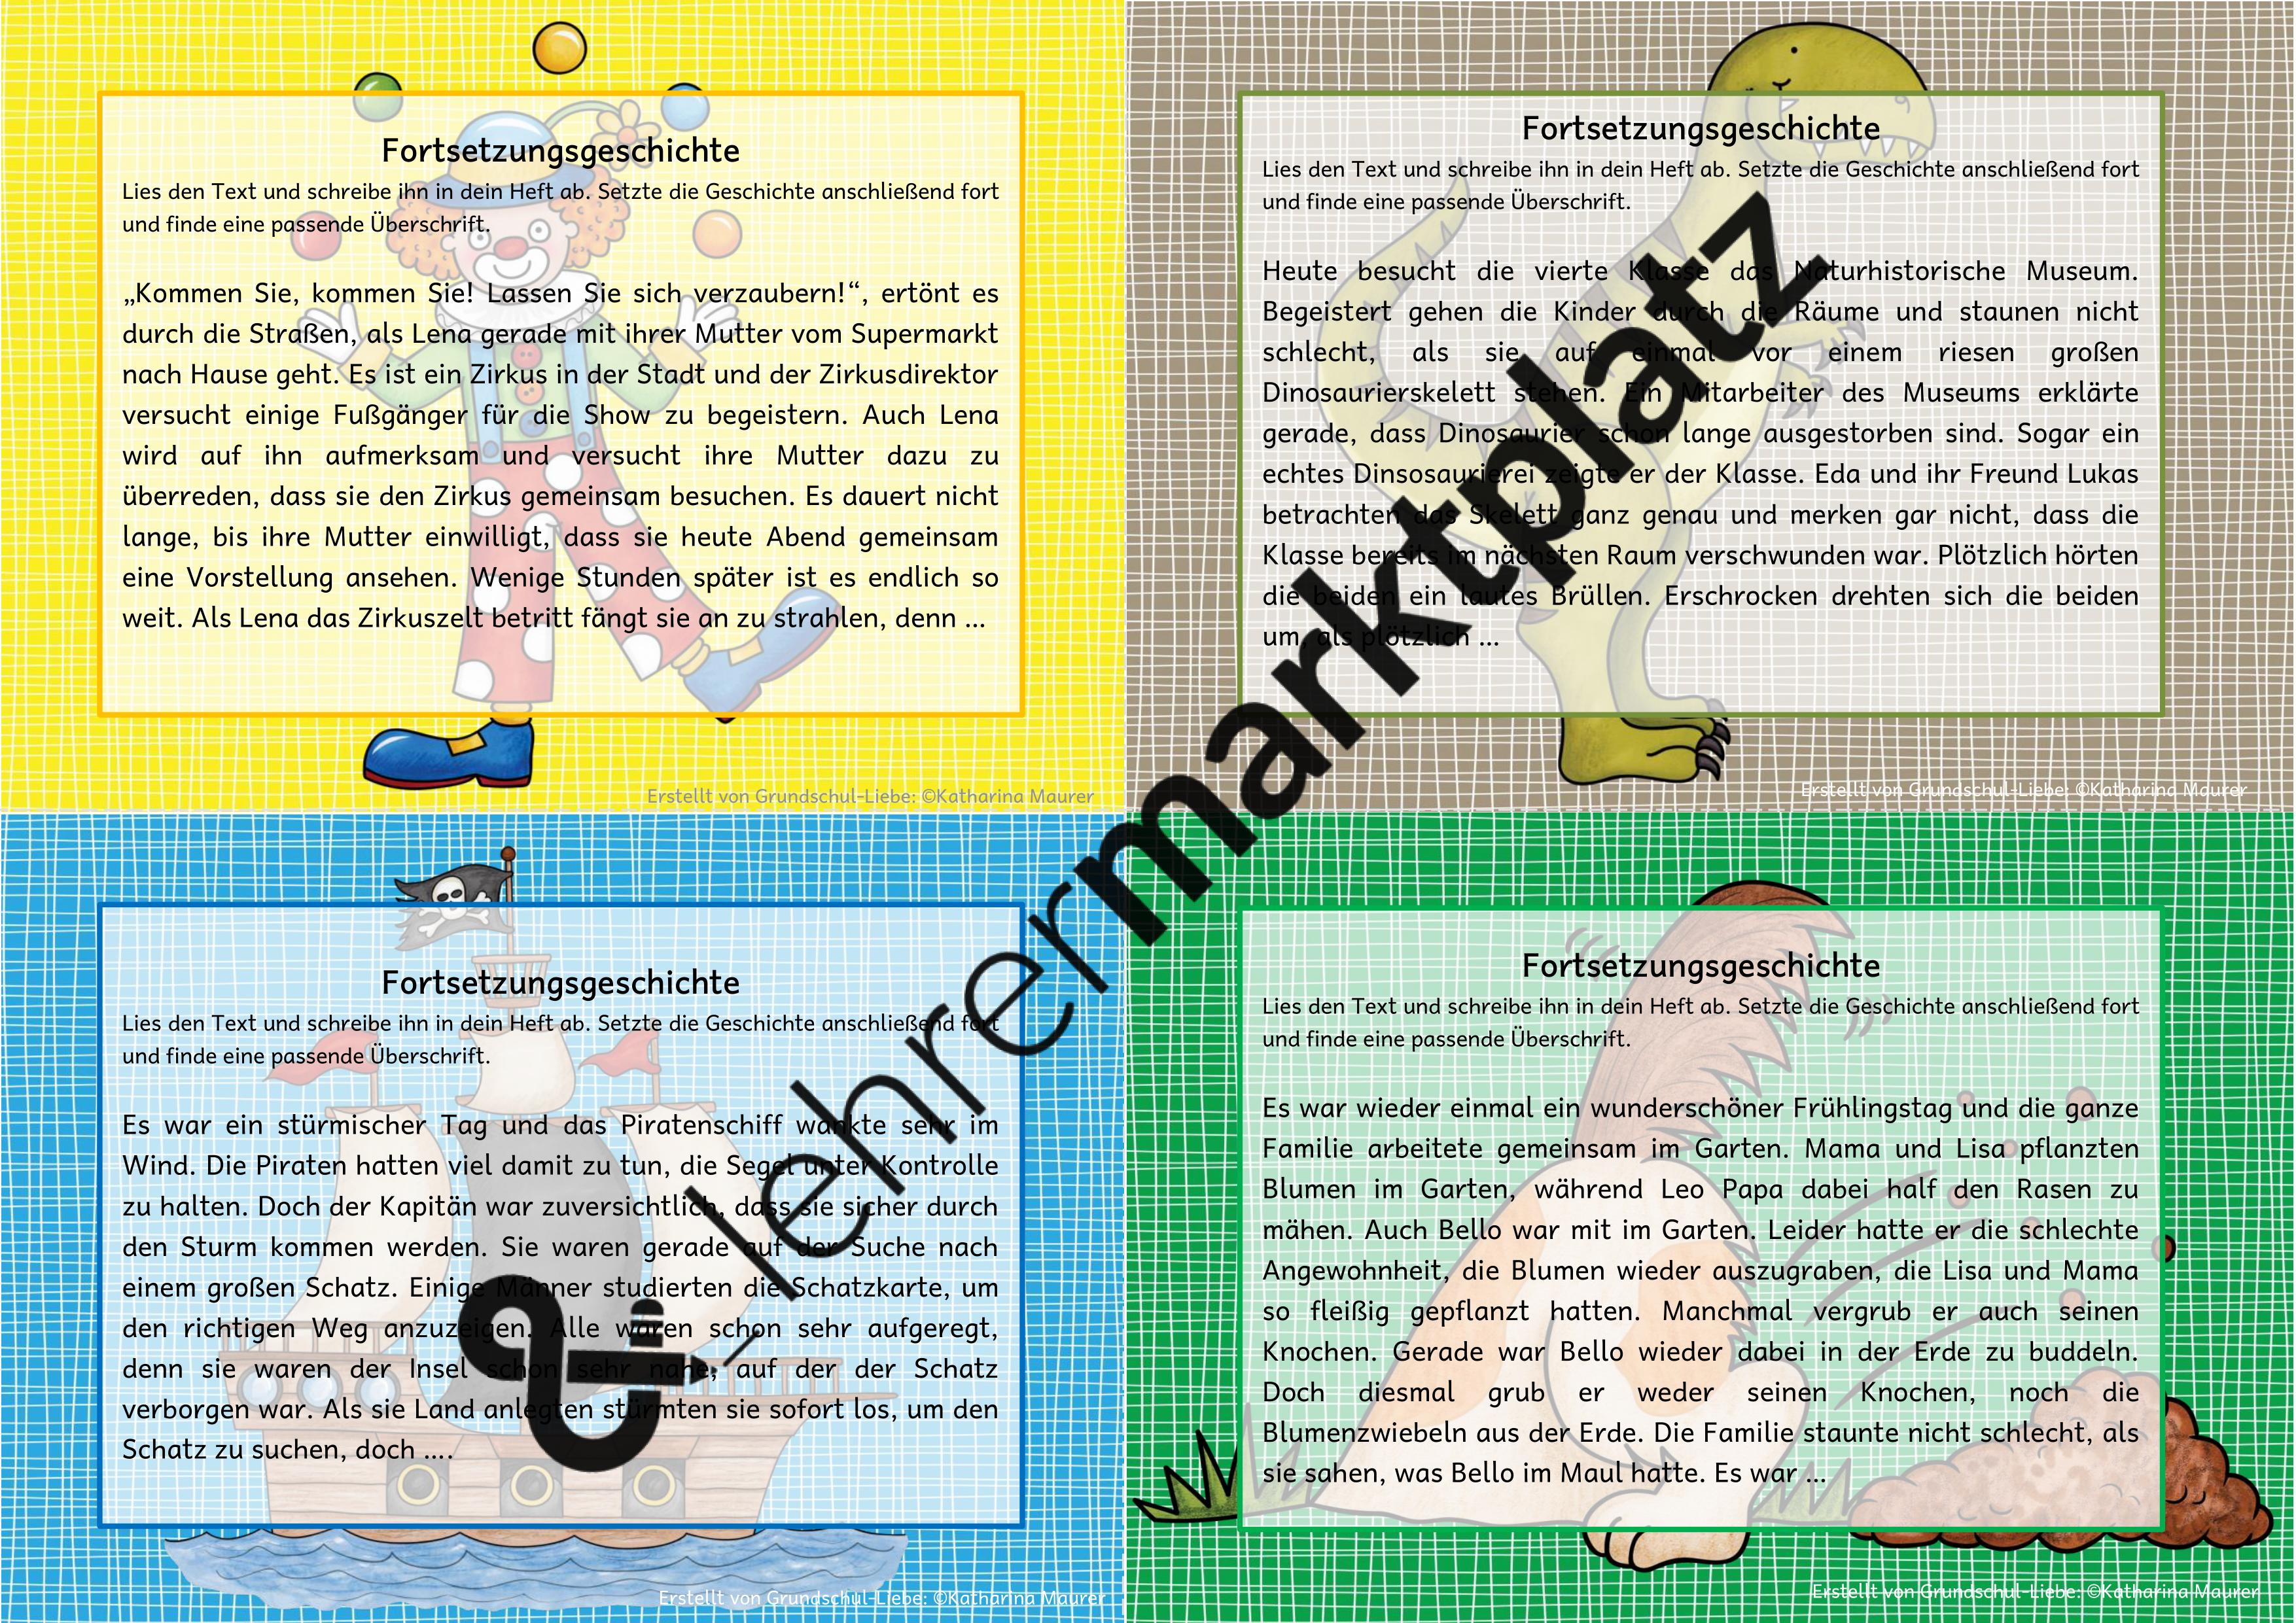 Fortsetzungsgeschichten Kartei 8 Geschichtenanfange Zum Texte Verfassen Unterrichtsmaterial Im Fach Deutsch In 2020 Kinder Lesen Unterrichtsmaterial Kartei